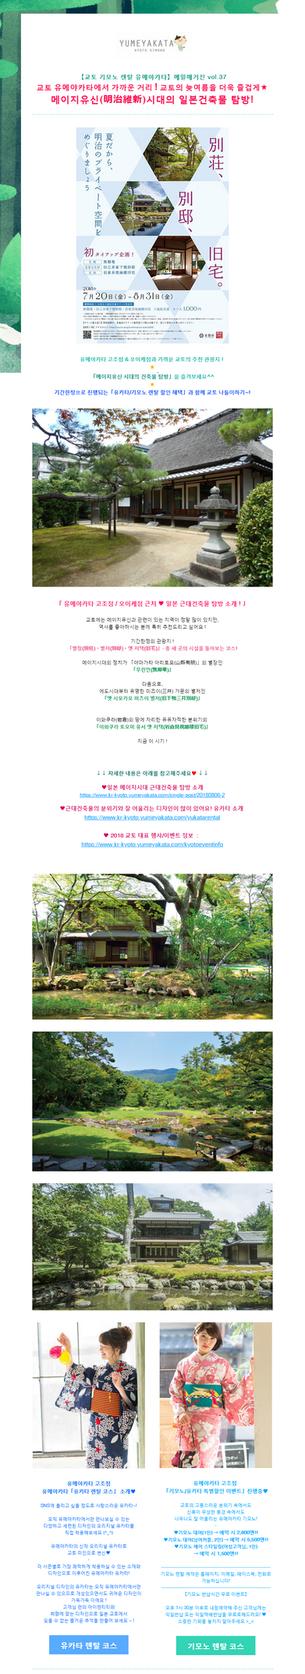 【유메야카타】메일매거진 vol.37 메이지유신 시대의 일본건축물 탐방